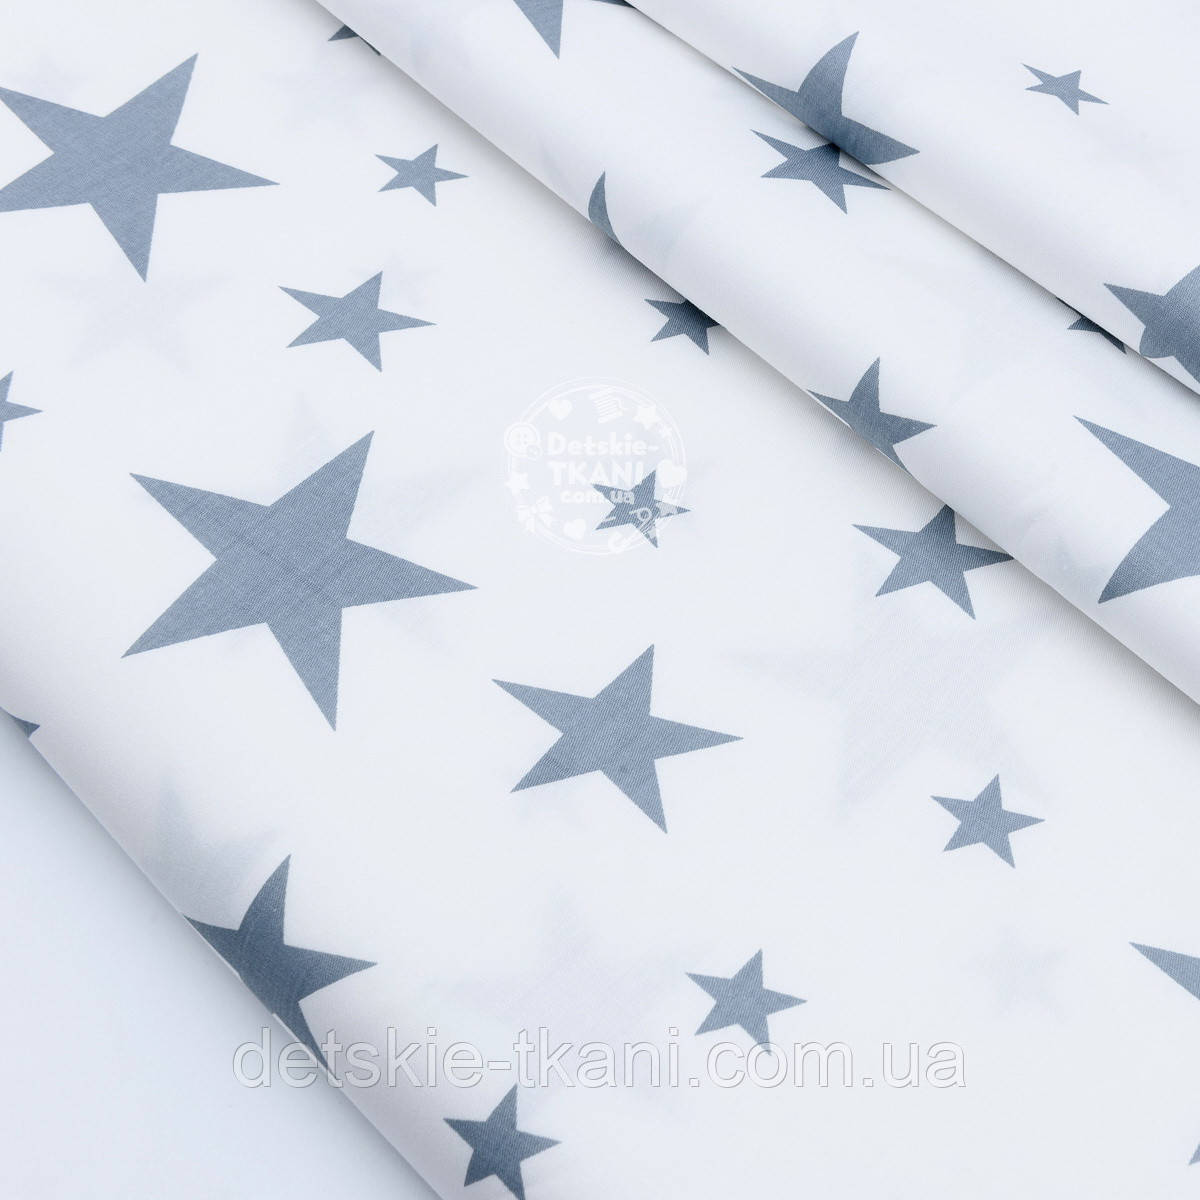 """Сатин ткань """"Большие и малые звёзды"""" серые на белом, №1756с"""